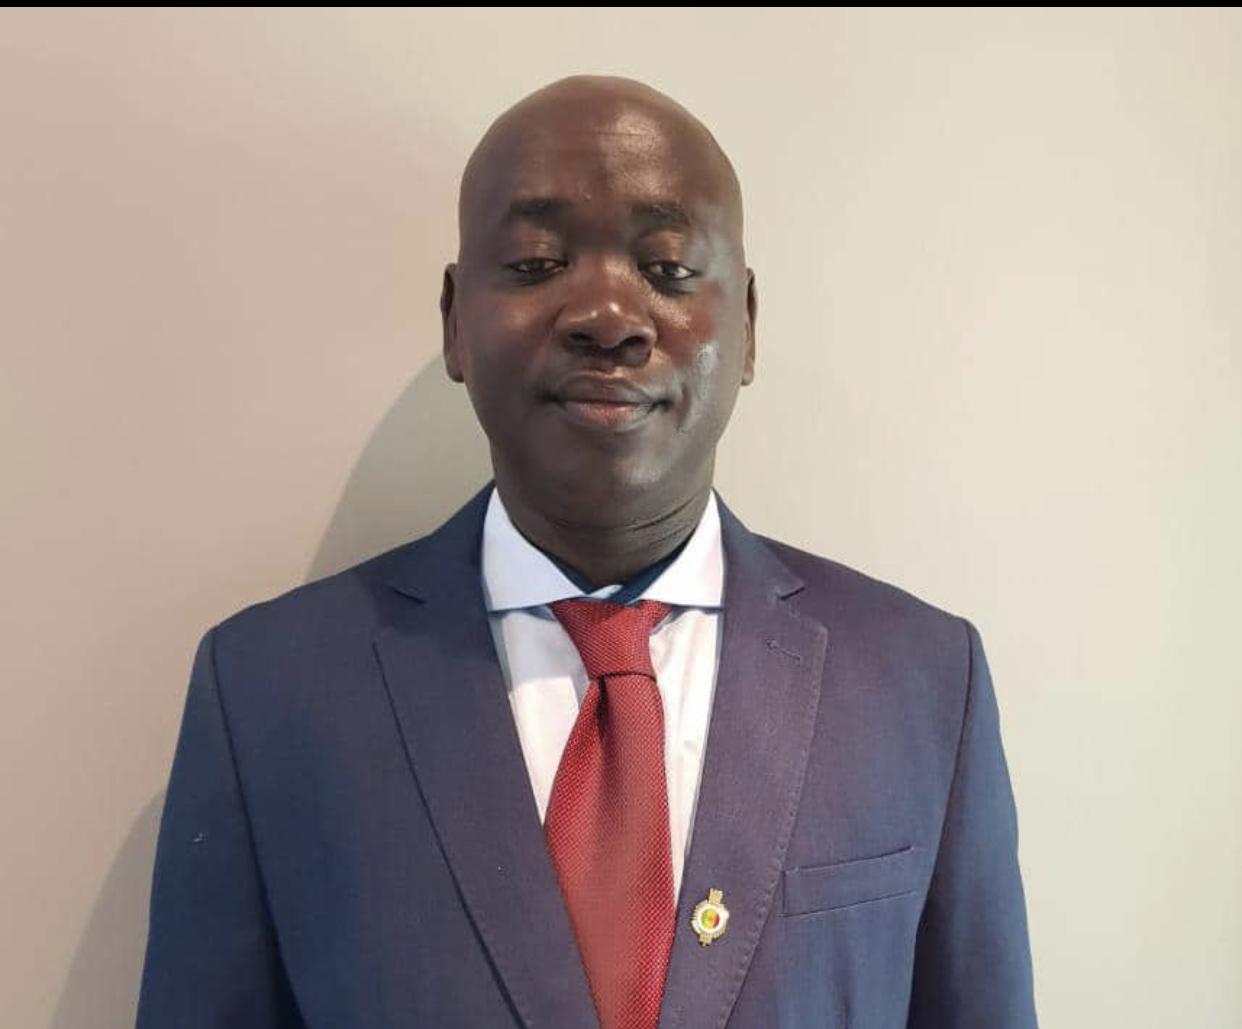 Scènes de pillage en Afrique du Sud : «Une centaine de sénégalais durement impactés, d'autres se trouvent dans des situations très difficiles» (Modou Ndiaye, député Afrique du Sud)